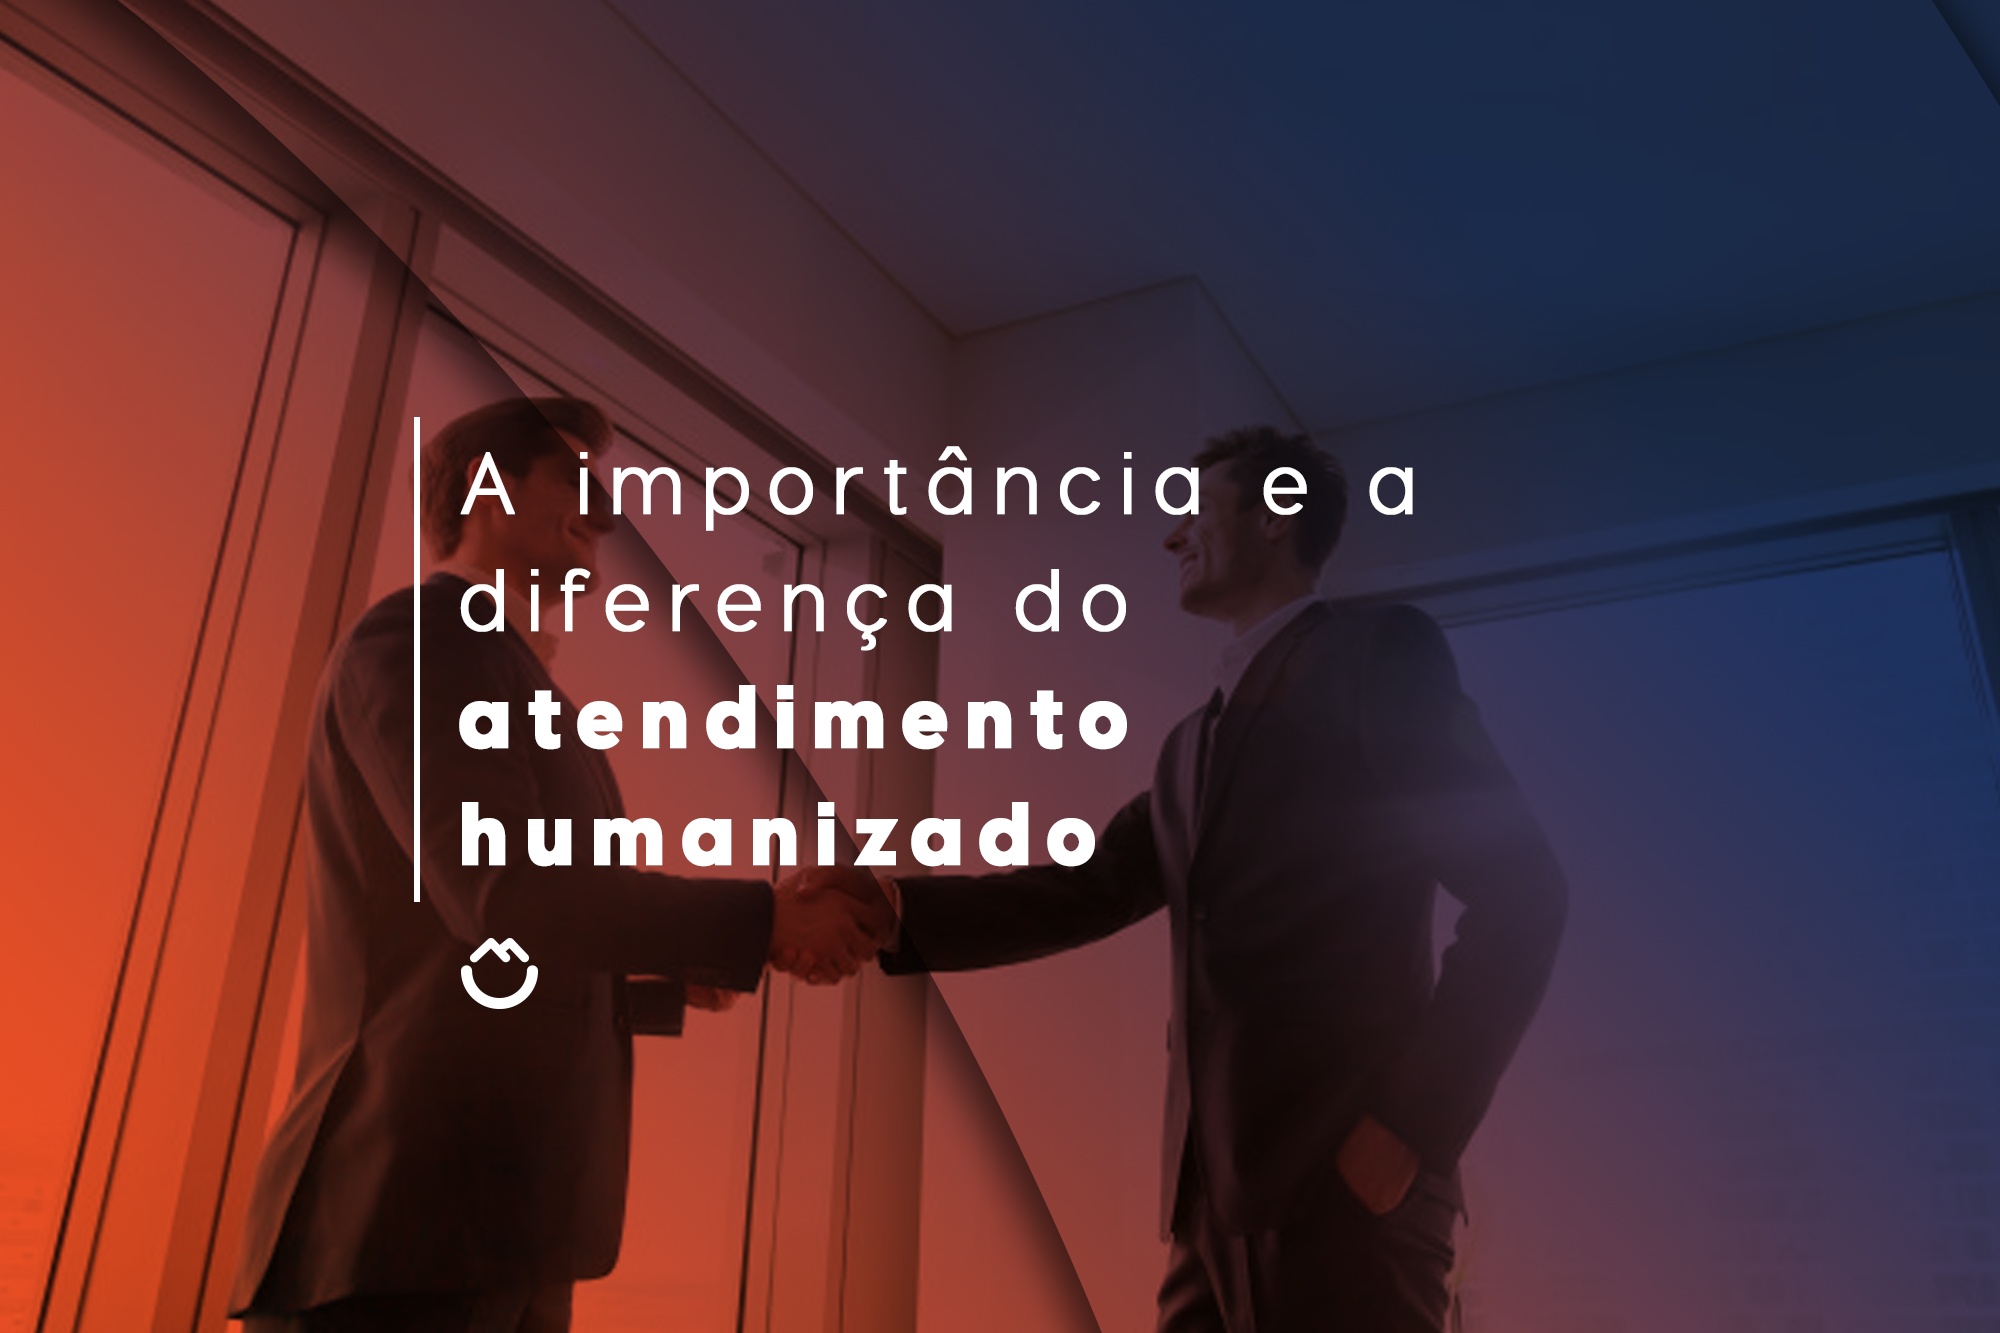 A importância e a diferença do atendimento humanizado